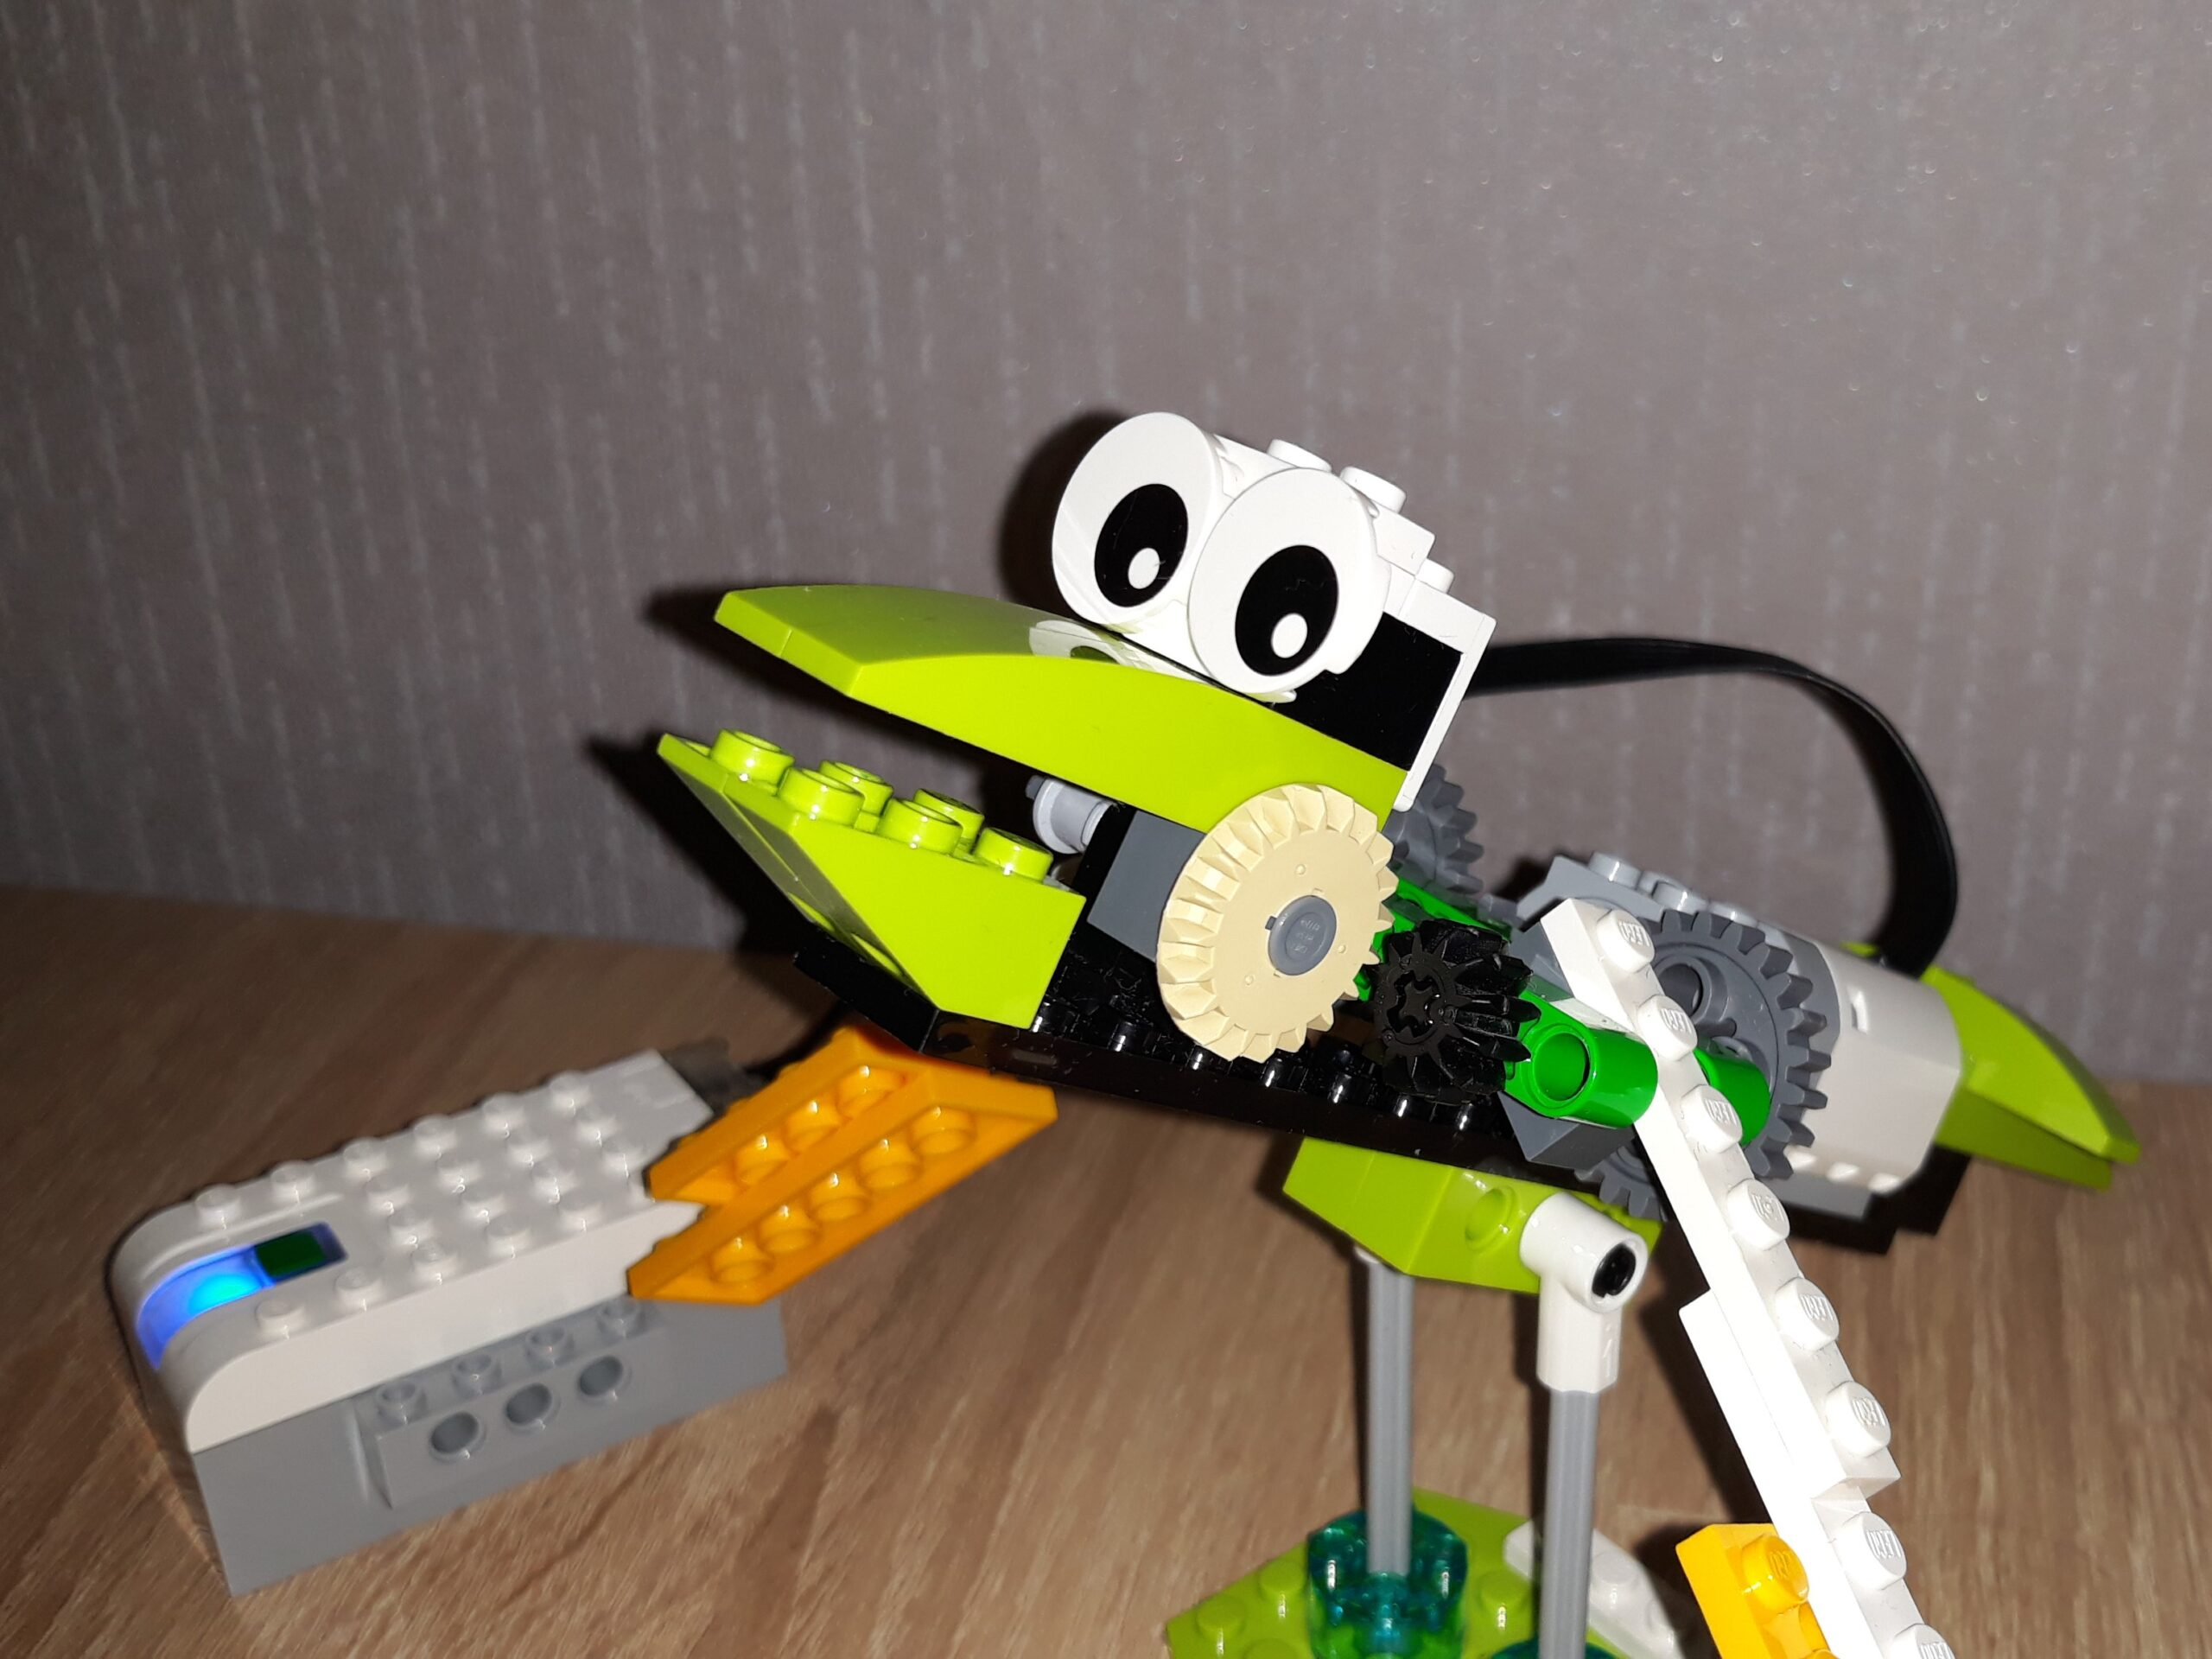 Скачать инструкцию по сборке из набора LEGO Education WeDo 2.0 Птенец